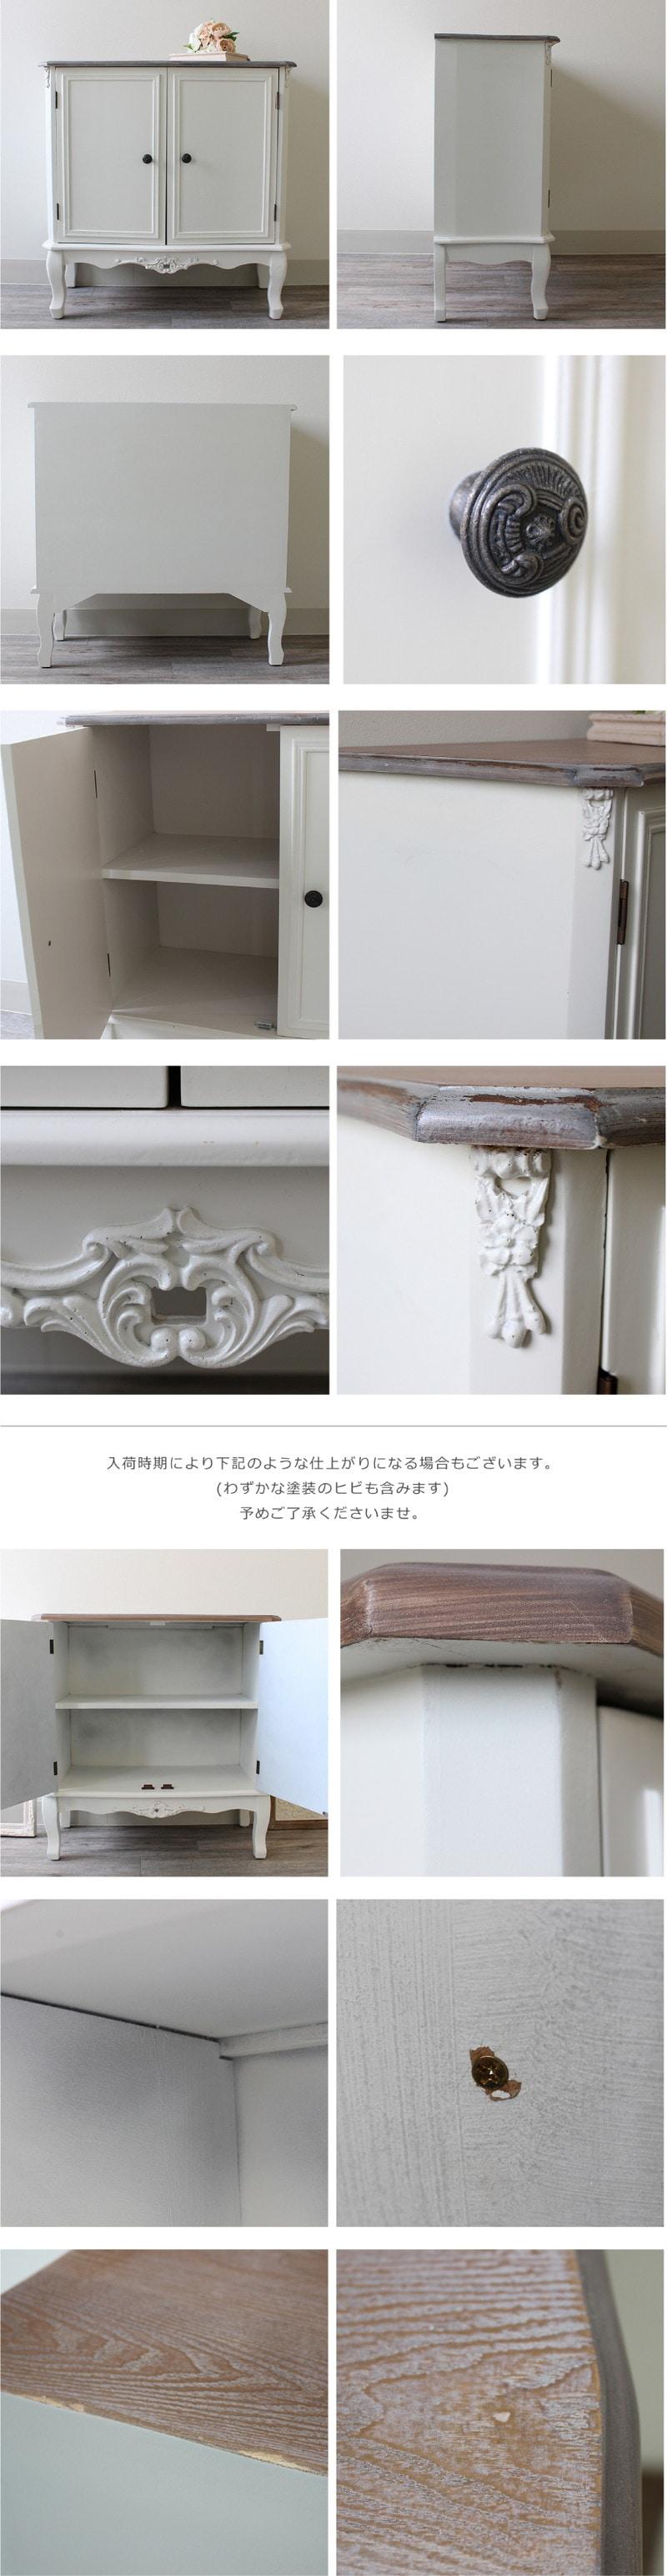 フレンチシック家具